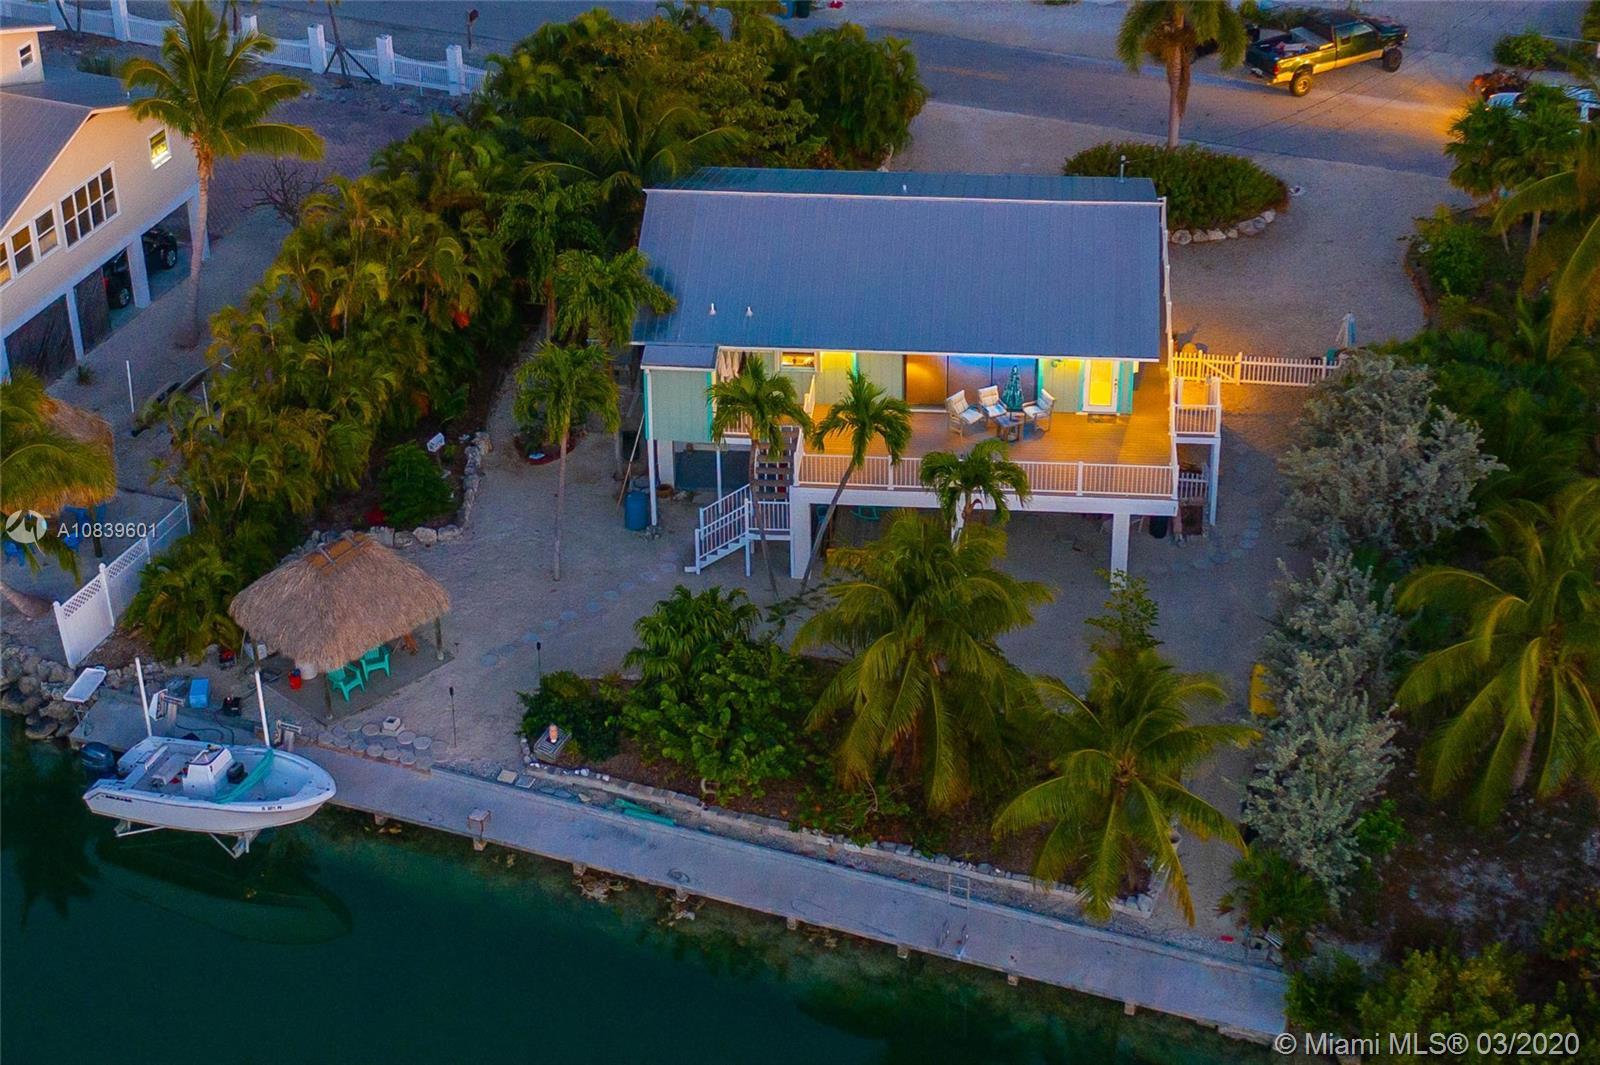 17139 Amberjack Ln, Sugerloaf, FL 33042 - Sugerloaf, FL real estate listing